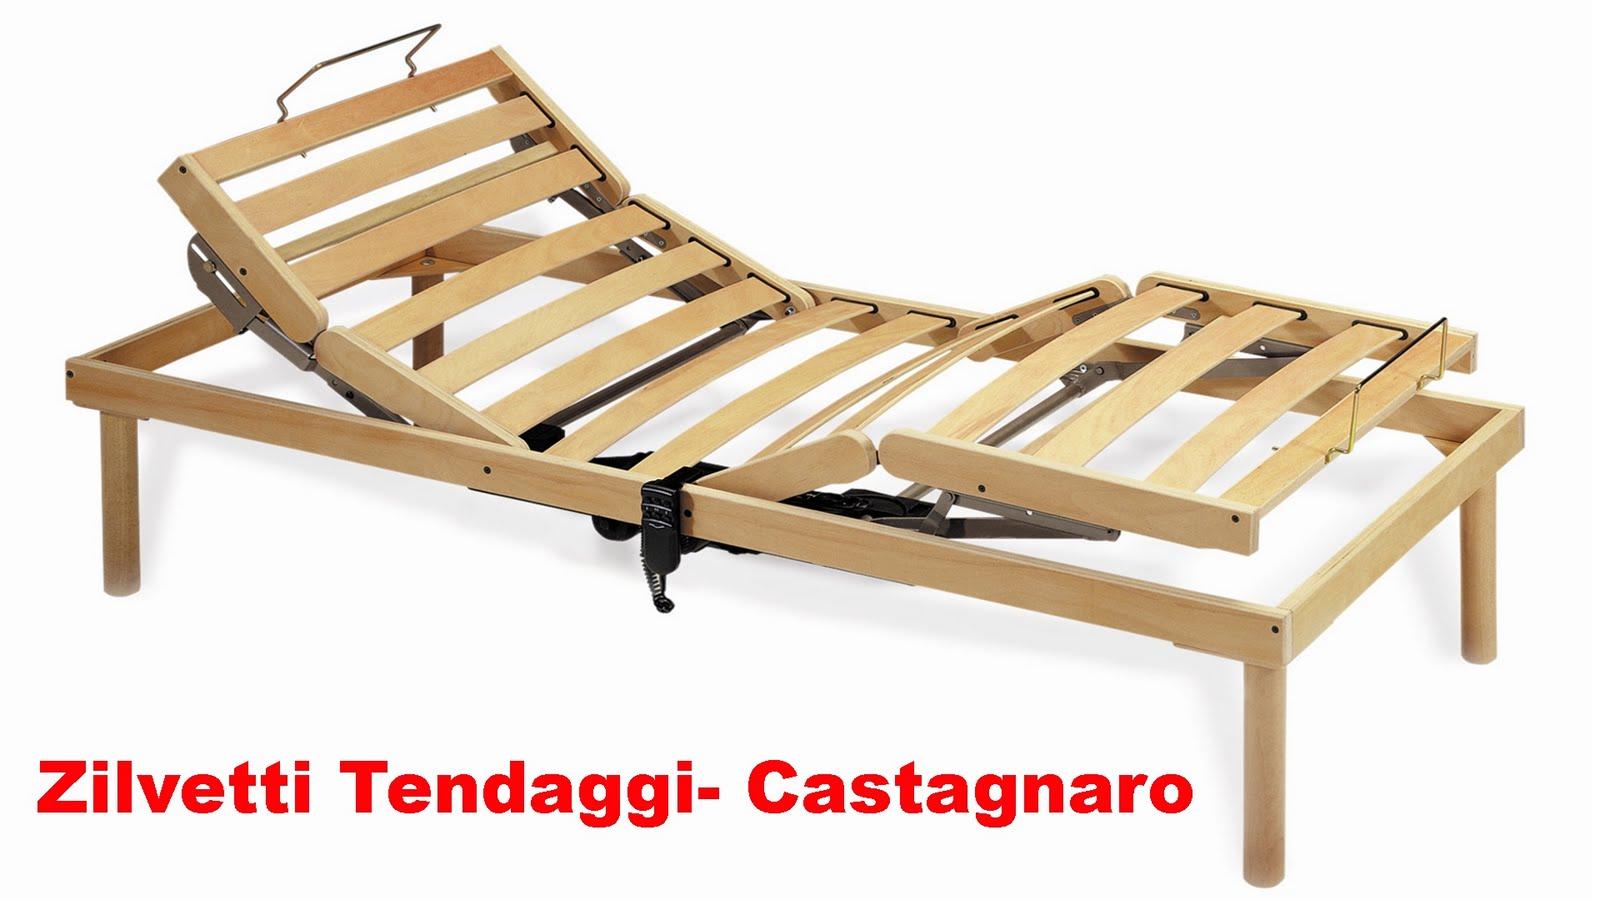 Tende materassi letti poltrone divani zilvetti tendaggi reti per materasso a doghe in legno o - Divani letto con doghe ...